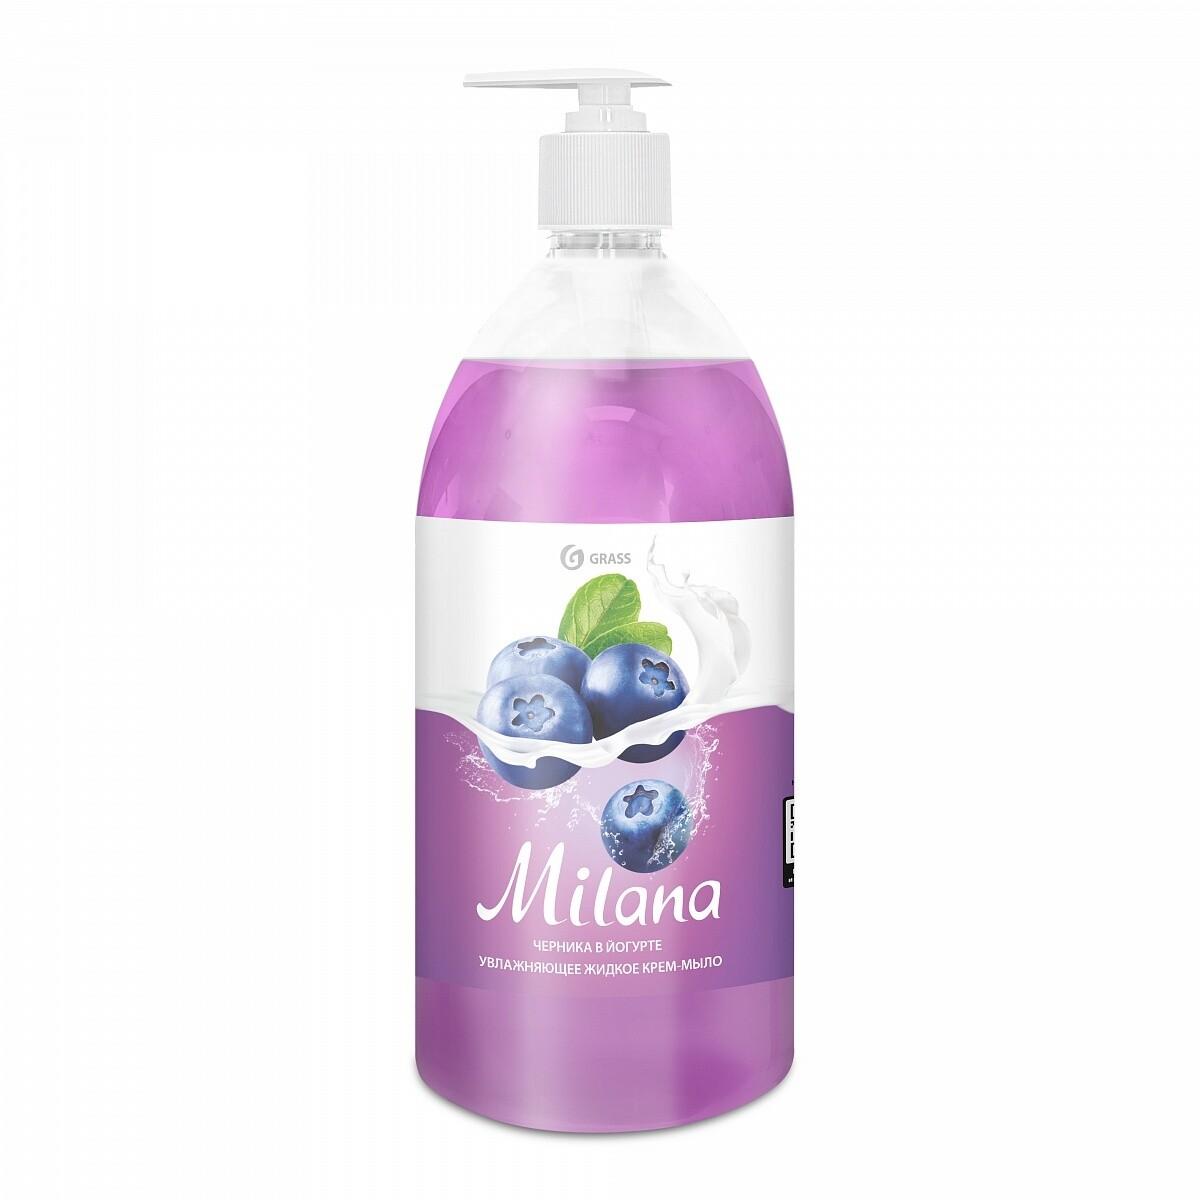 """Жидкое крем-мыло """"Milana"""" черника в йогурте с дозатором, 1 л"""